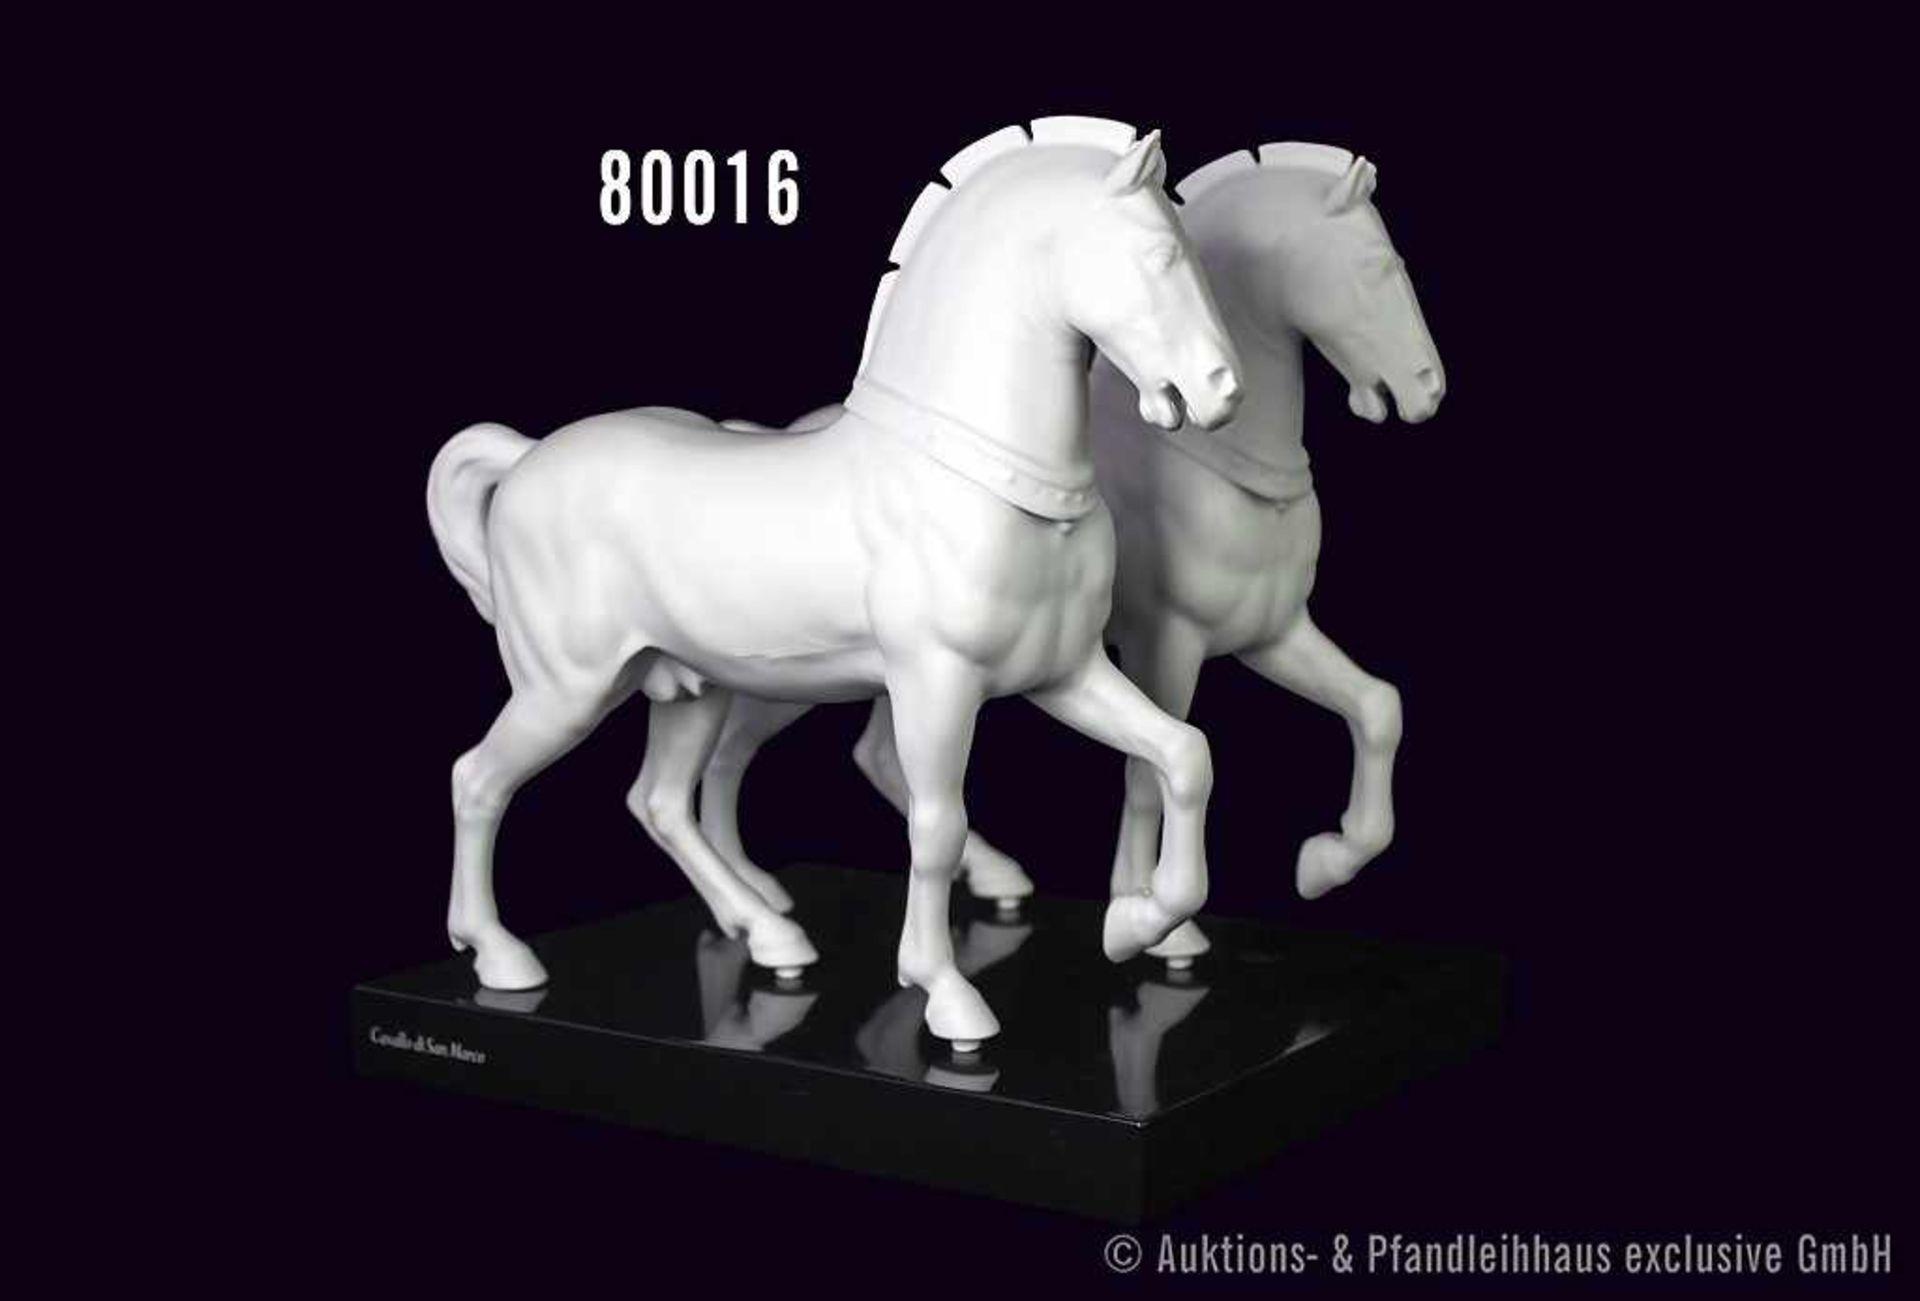 Konv. Rosenthal Porzellan, 2 weiße Pferde, mattes Porzellan, Cavallo di San Marco, auf einer